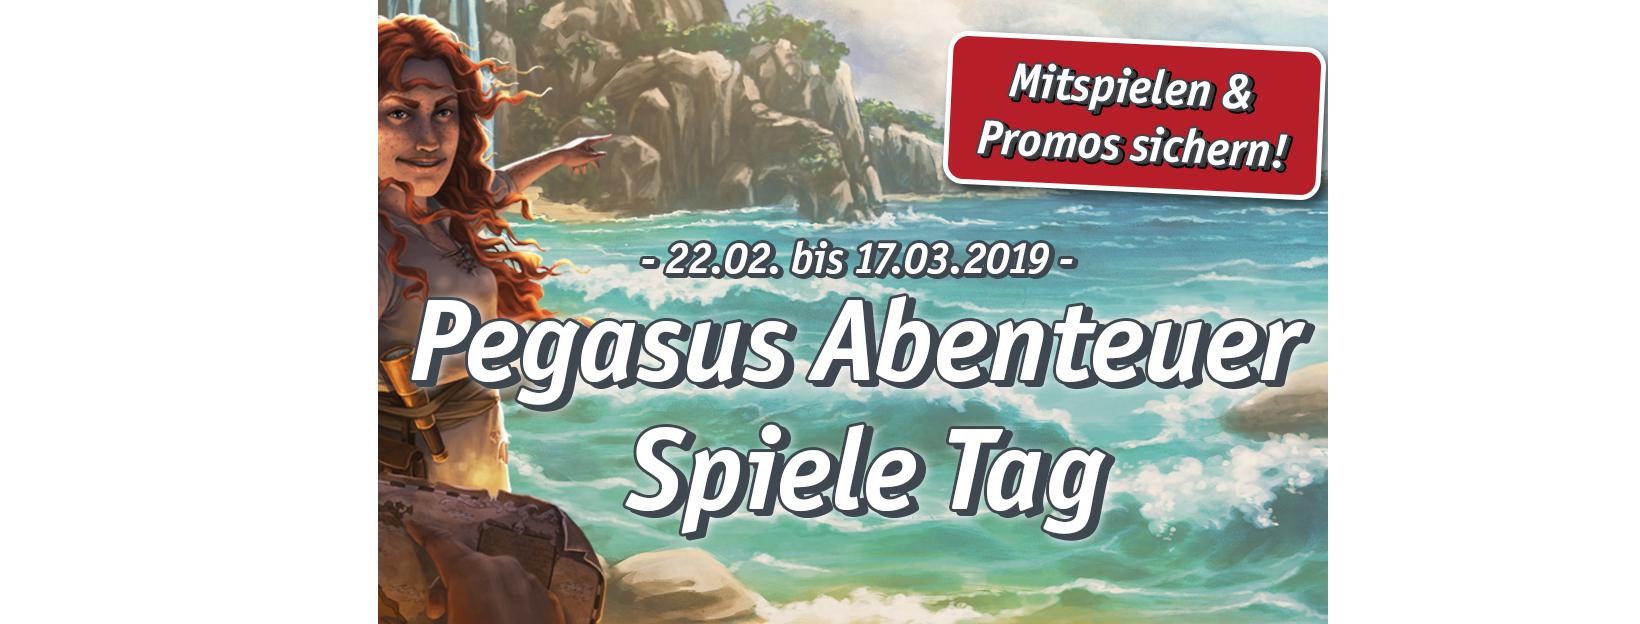 09.03.19 Pegasus-Spiele-Abenteuer-Tag bei Brettspielversand